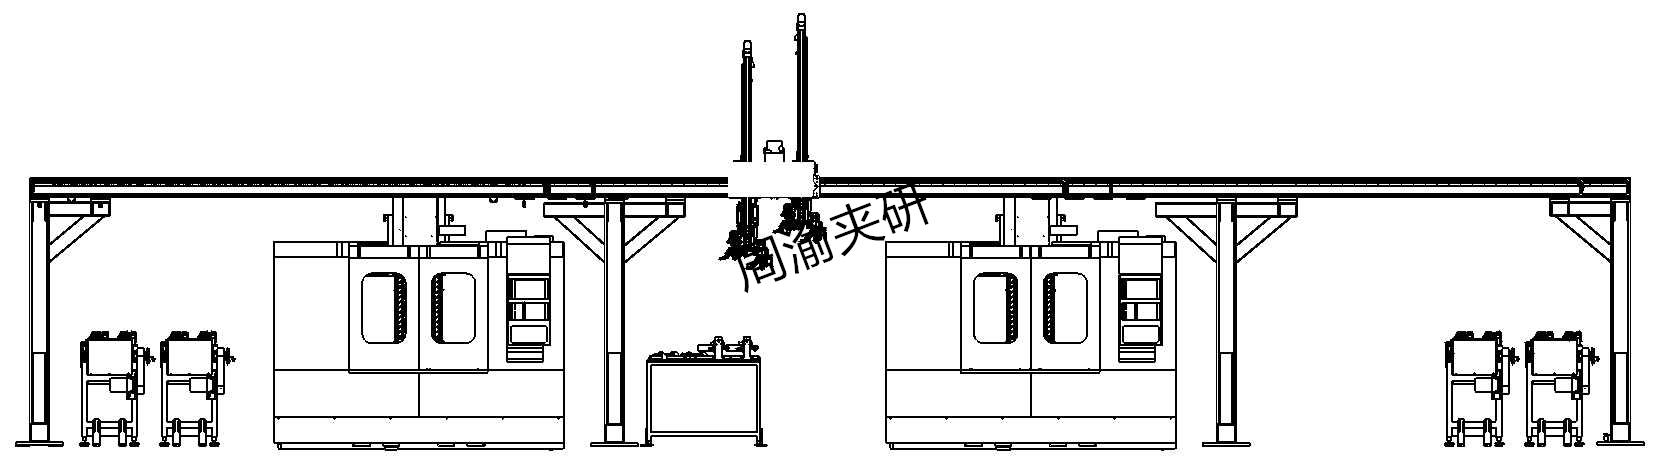 [自动化夹具案例分享]汽车后羊角转向节机械加工自动线项目概述  自动化生产线 自动化夹具 自动上下料 第6张